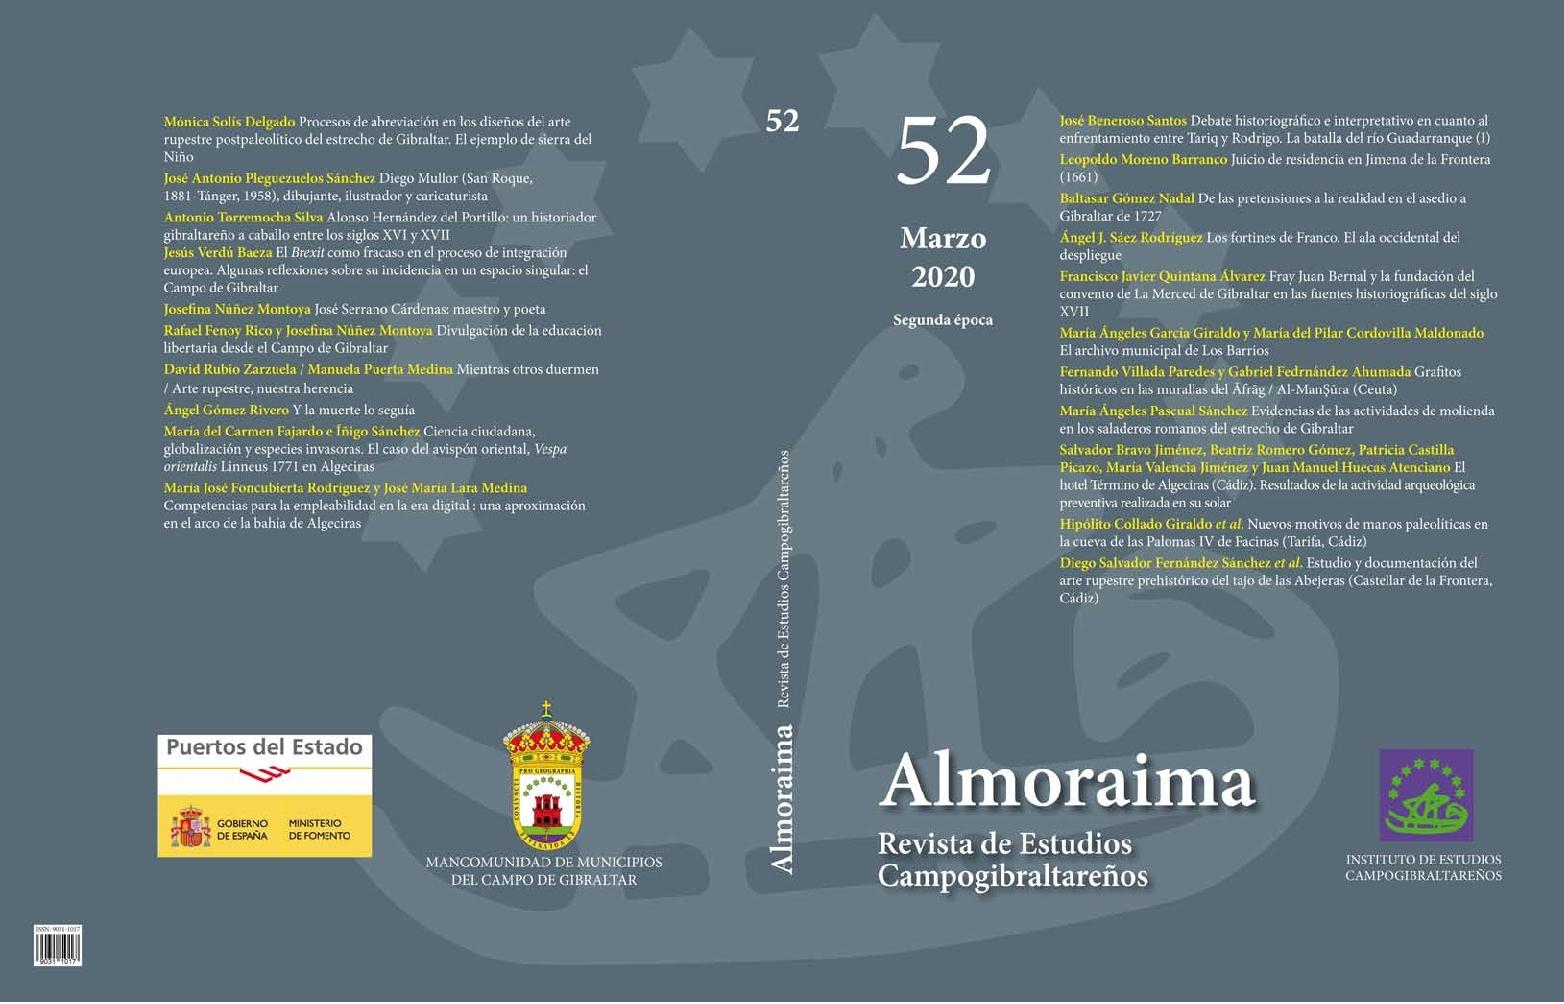 Estudio y documentación del arte rupestre prehistórico del tajo de las Abejeras (Castellar de la Frontera, Cádiz)